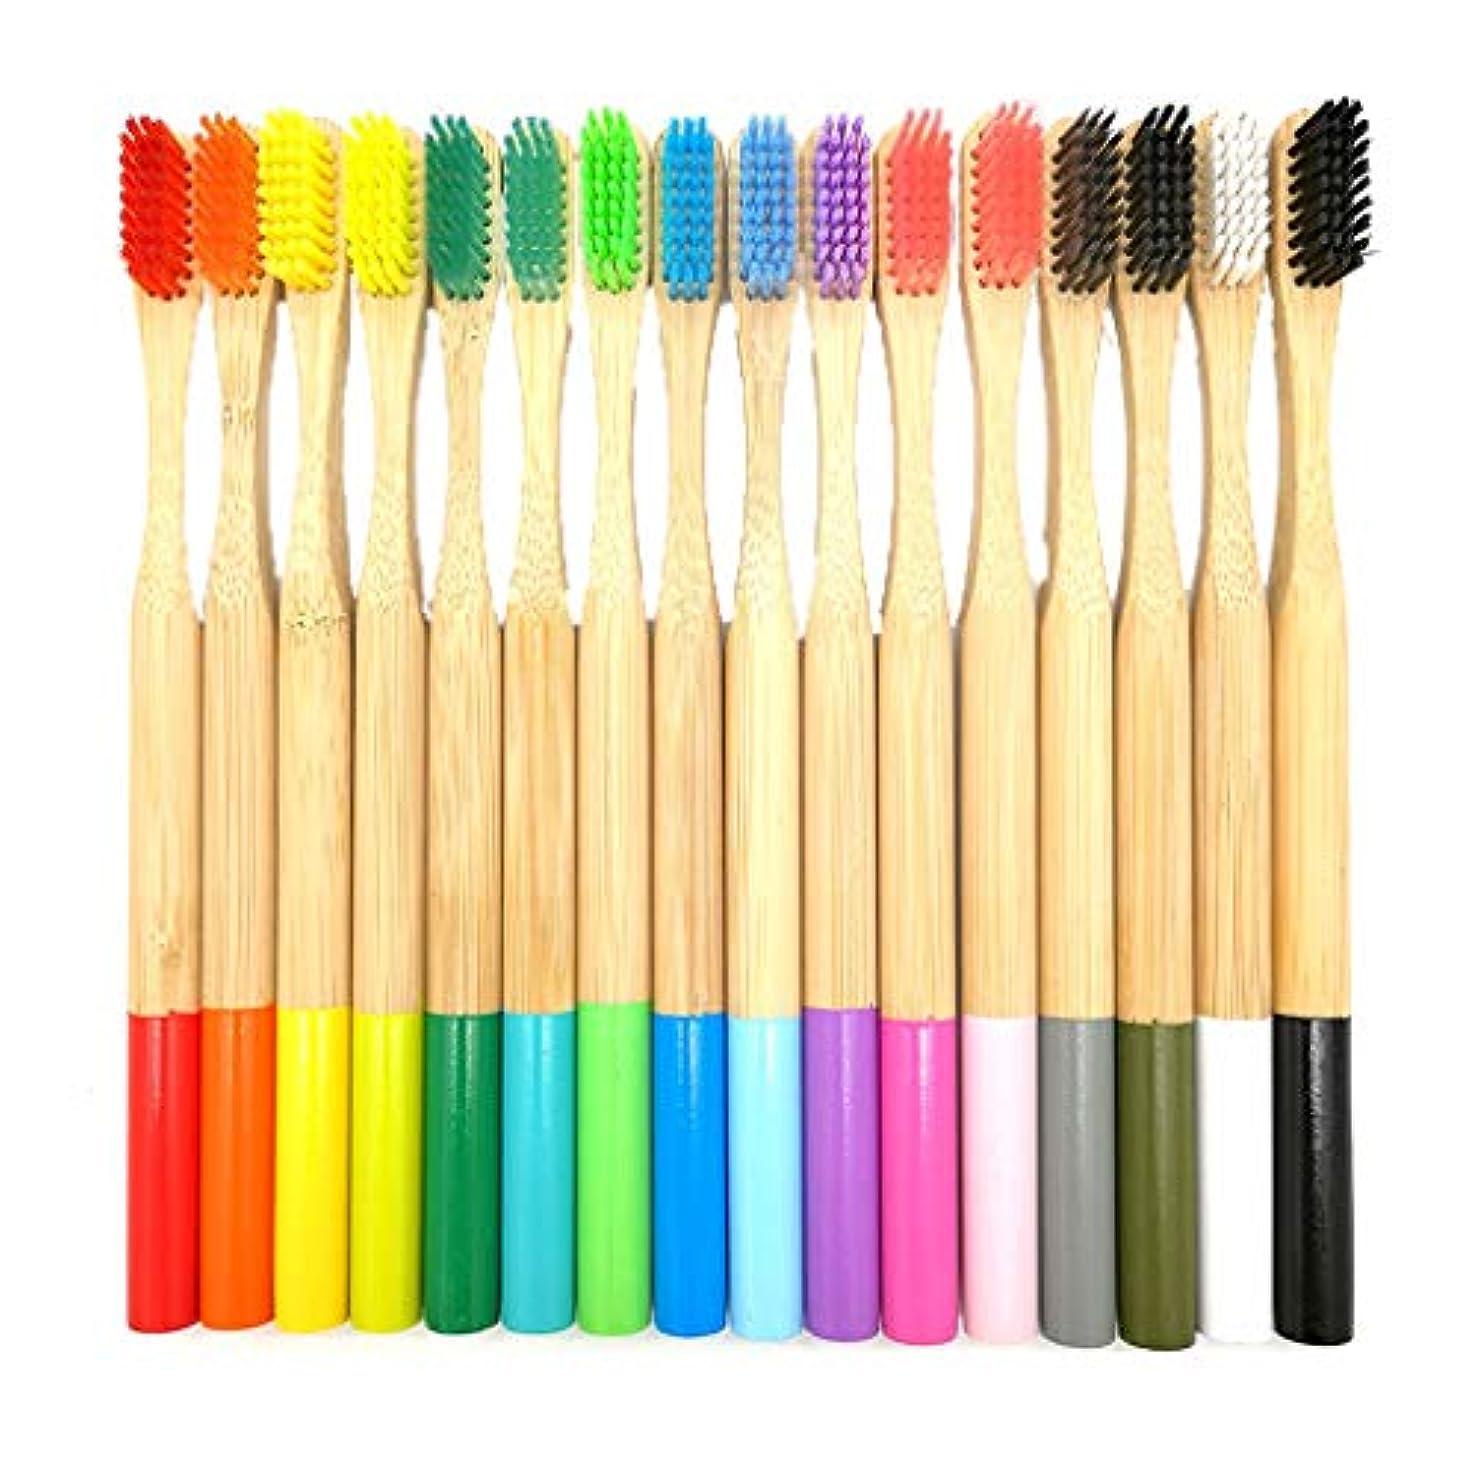 グリットどきどき汚染されたLazayyii 成人 竹製の歯ブラシ オーラルケア 竹繊維 やわらかい歯ブラシ 人気16本 (マルチカラー)